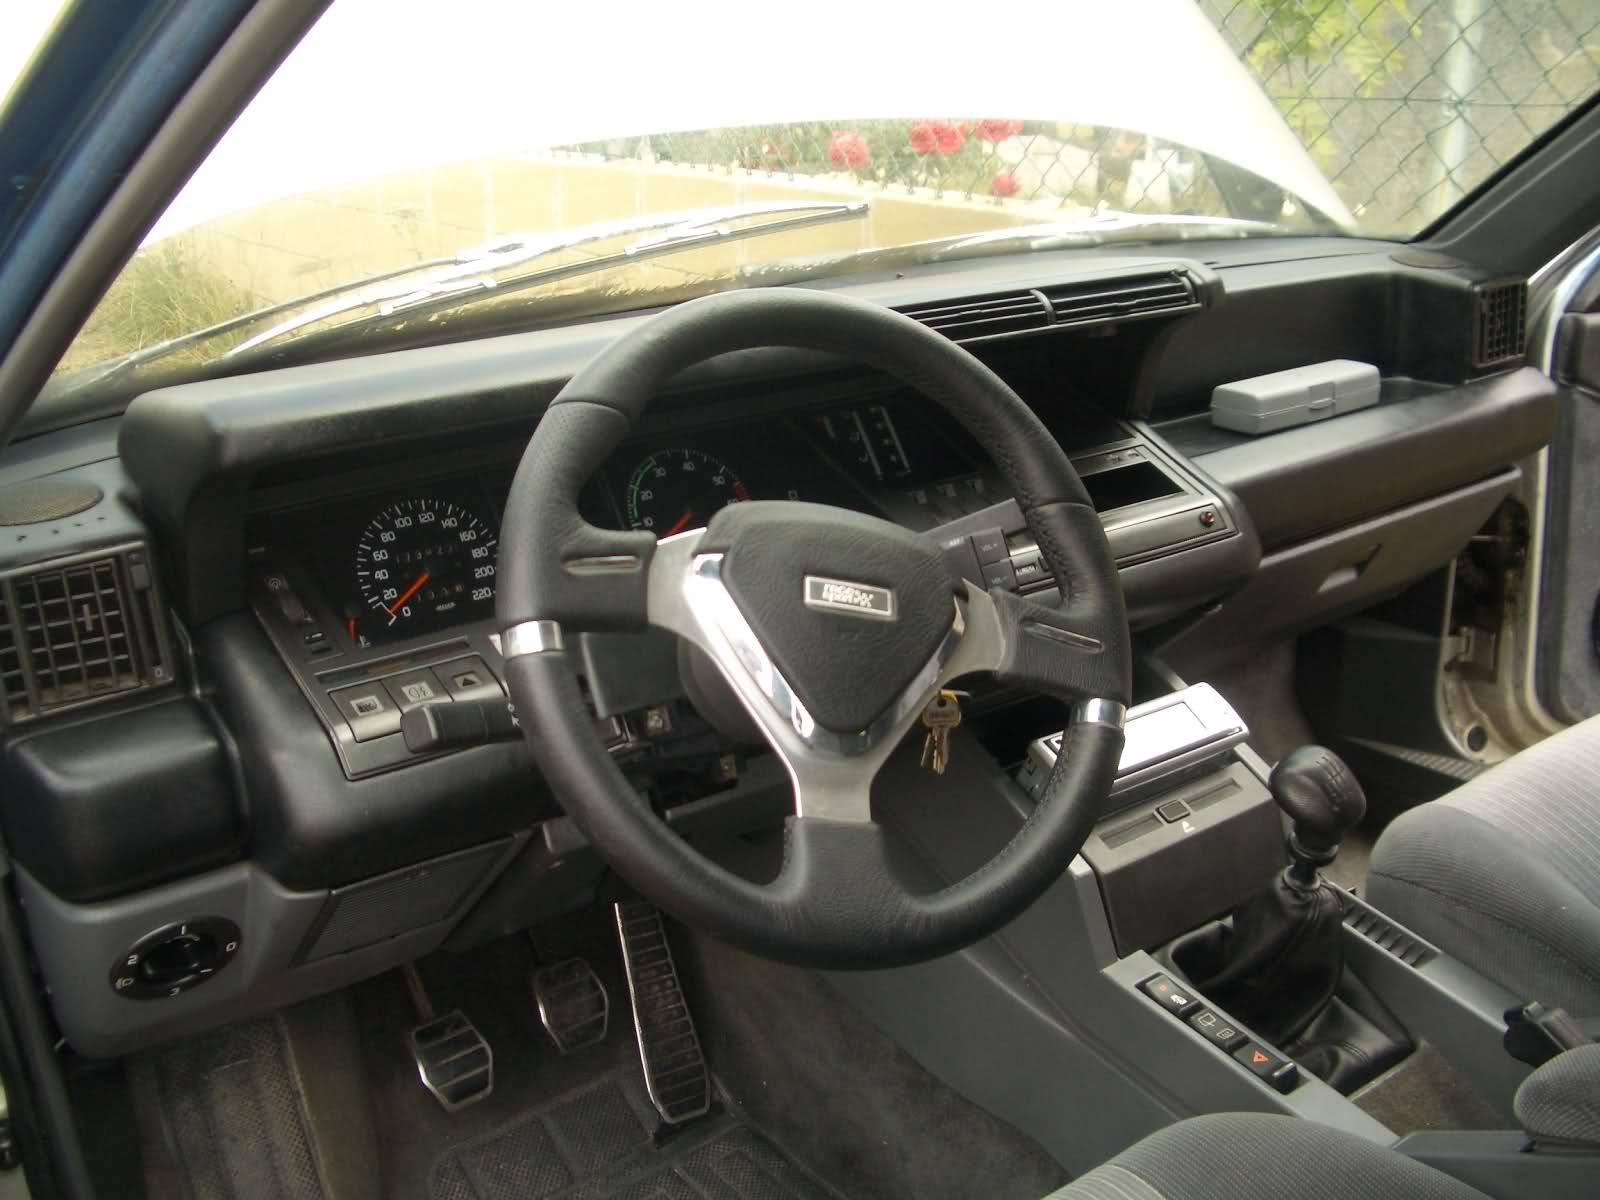 Renault 25 B29 2 5 V6 Turbo B29g 205 Hp